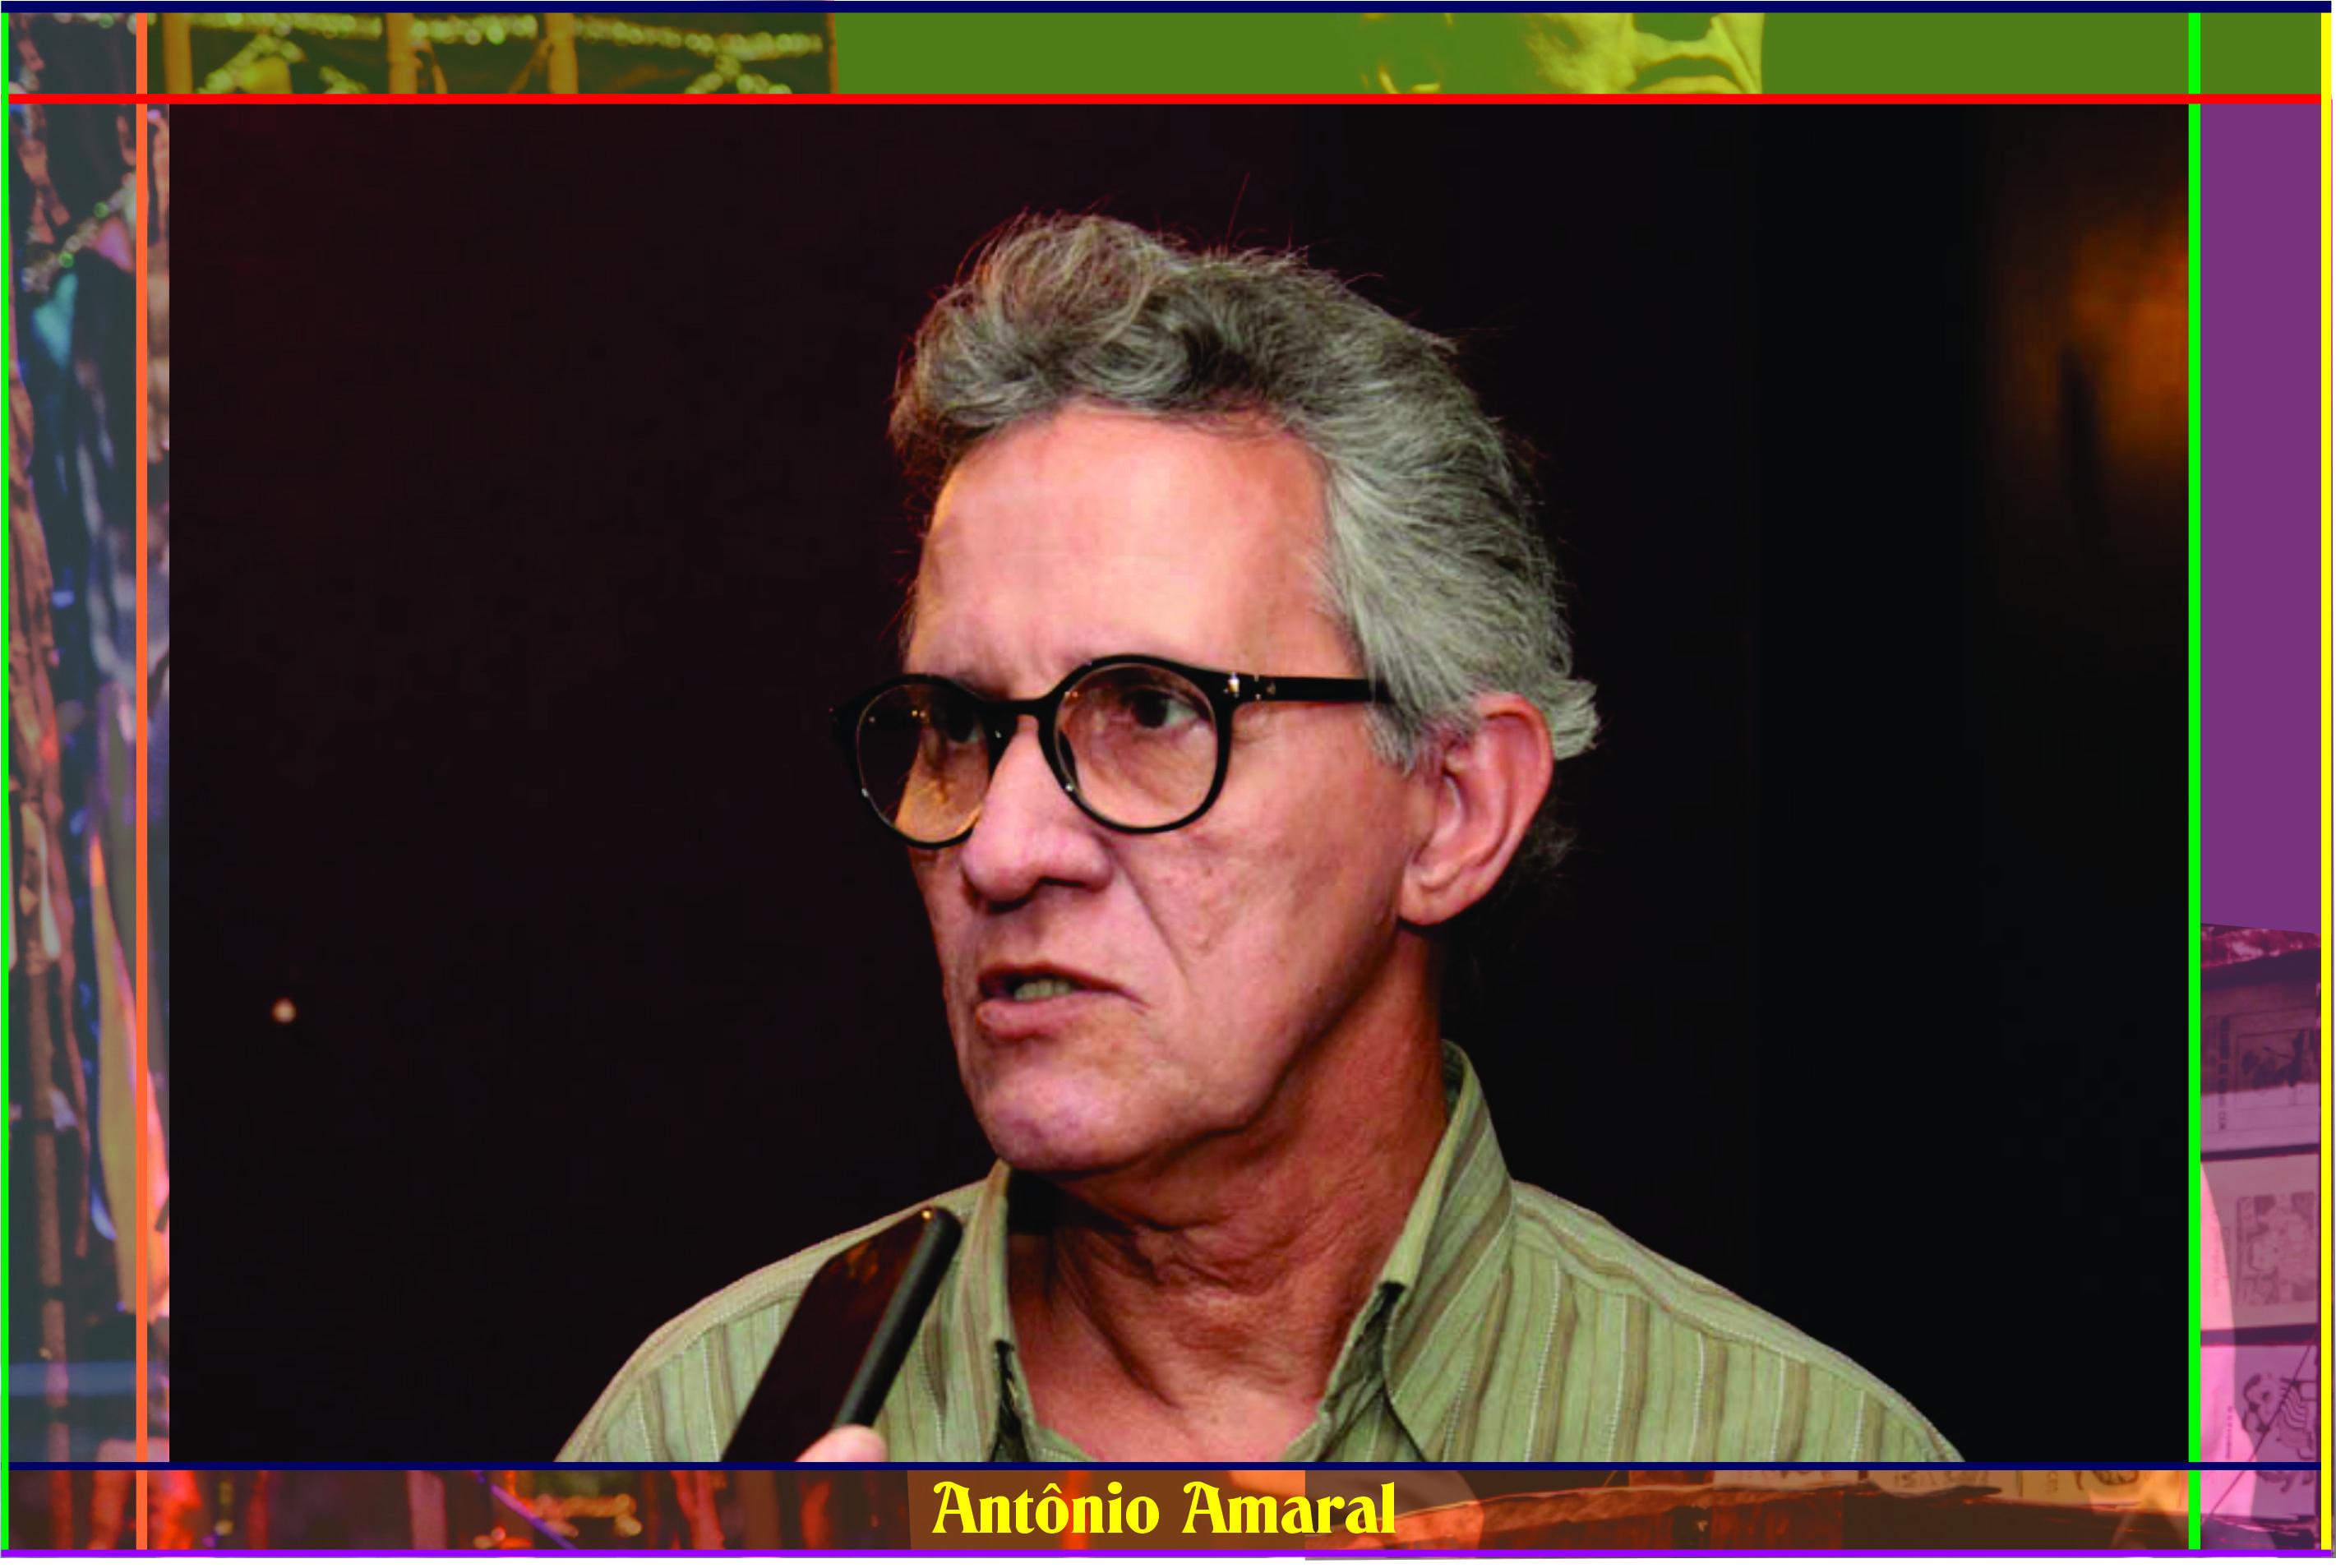 Antônio Amaral